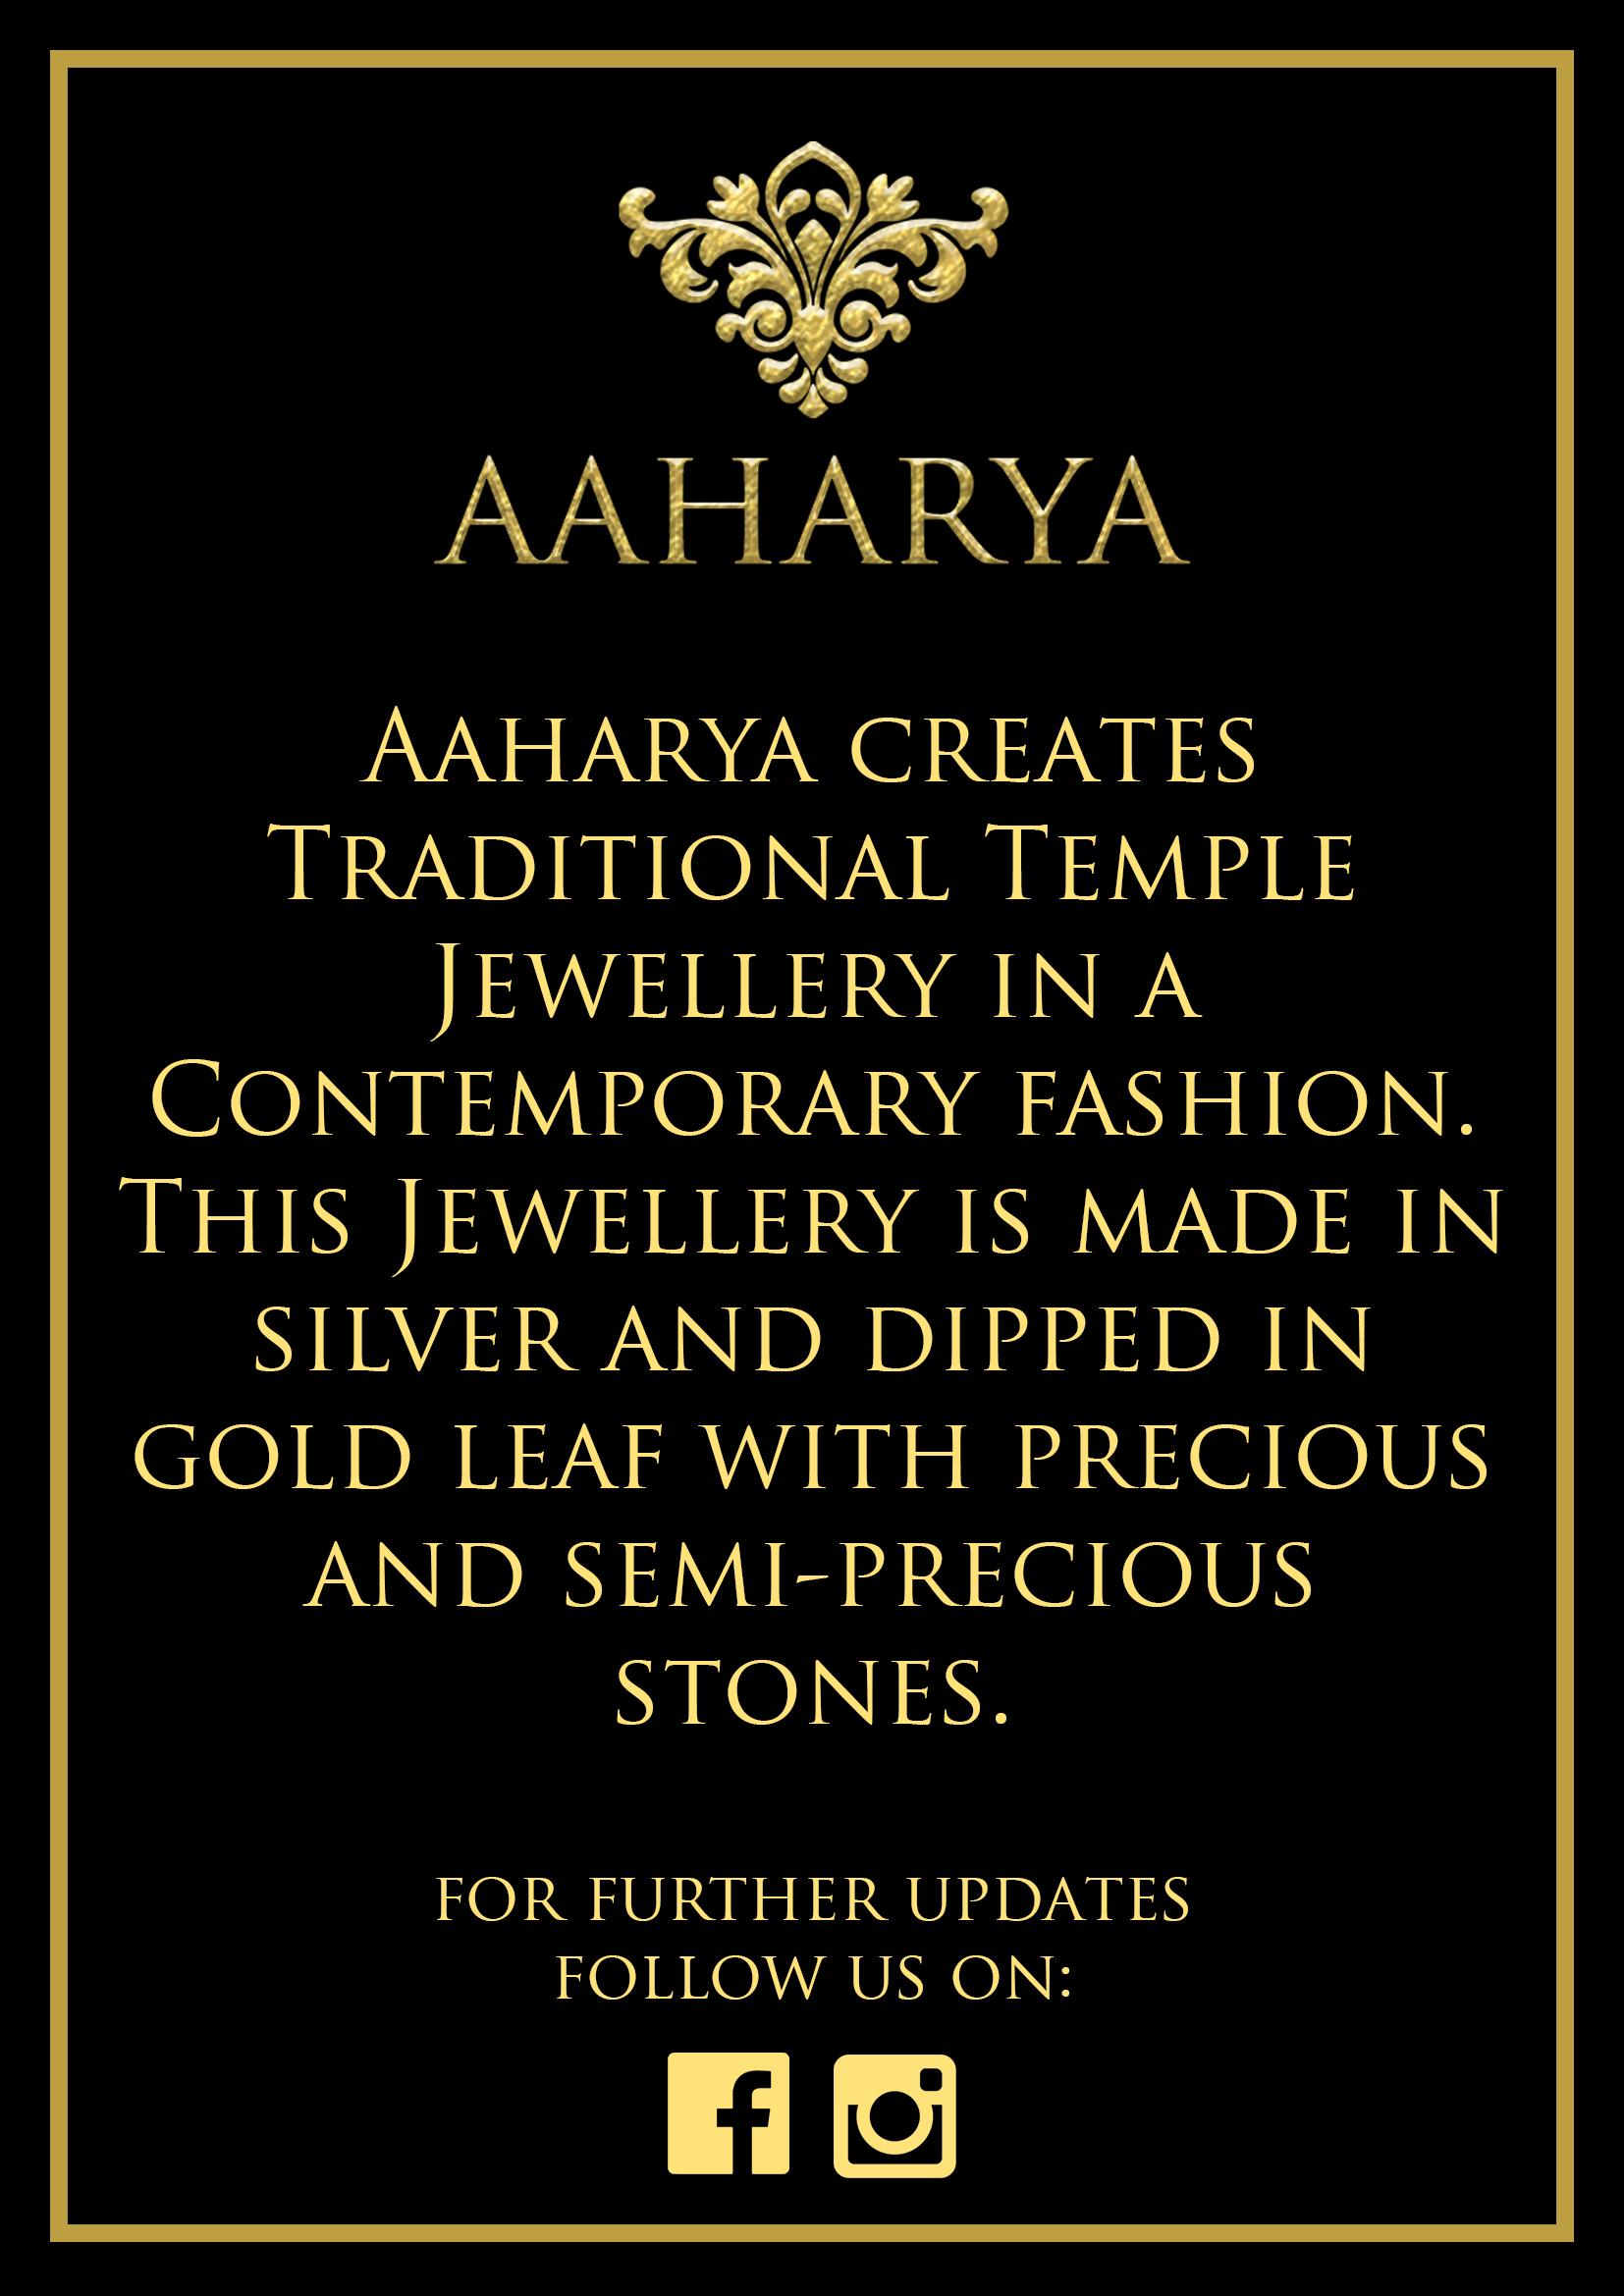 AAHARYA A4